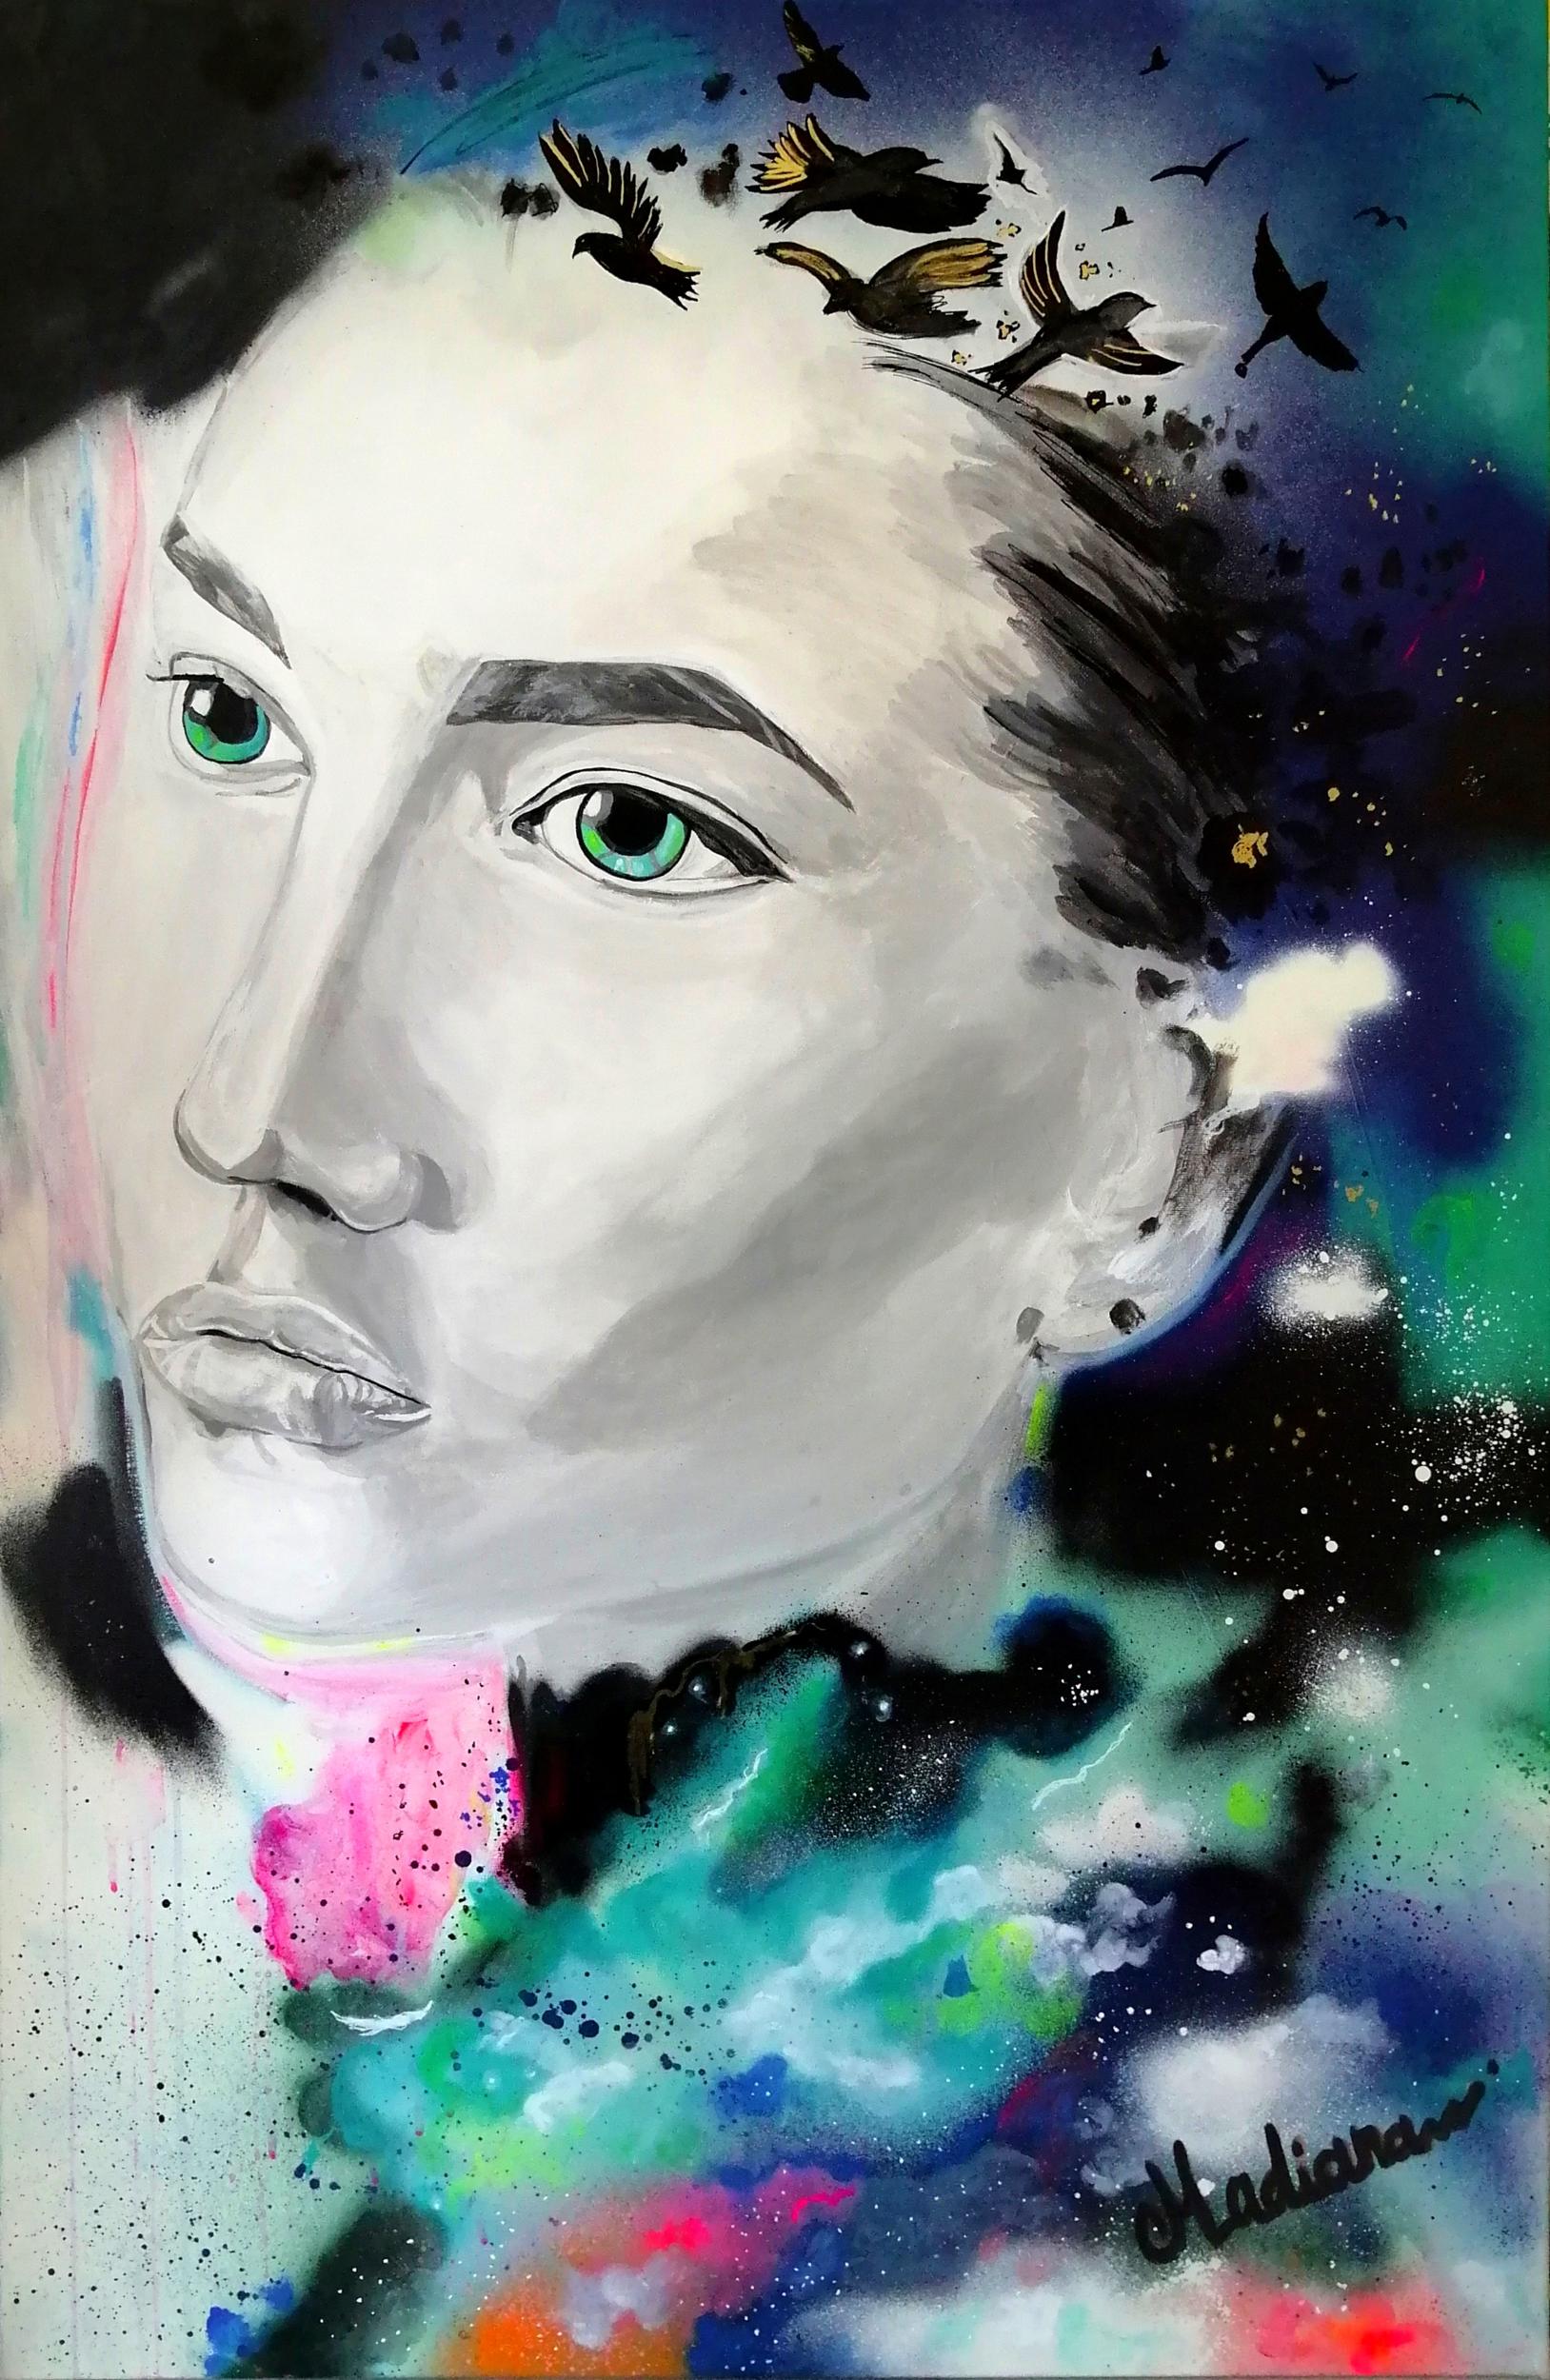 tableau art contemporain portrait street art noir et blanc multicolore oiseau liberté